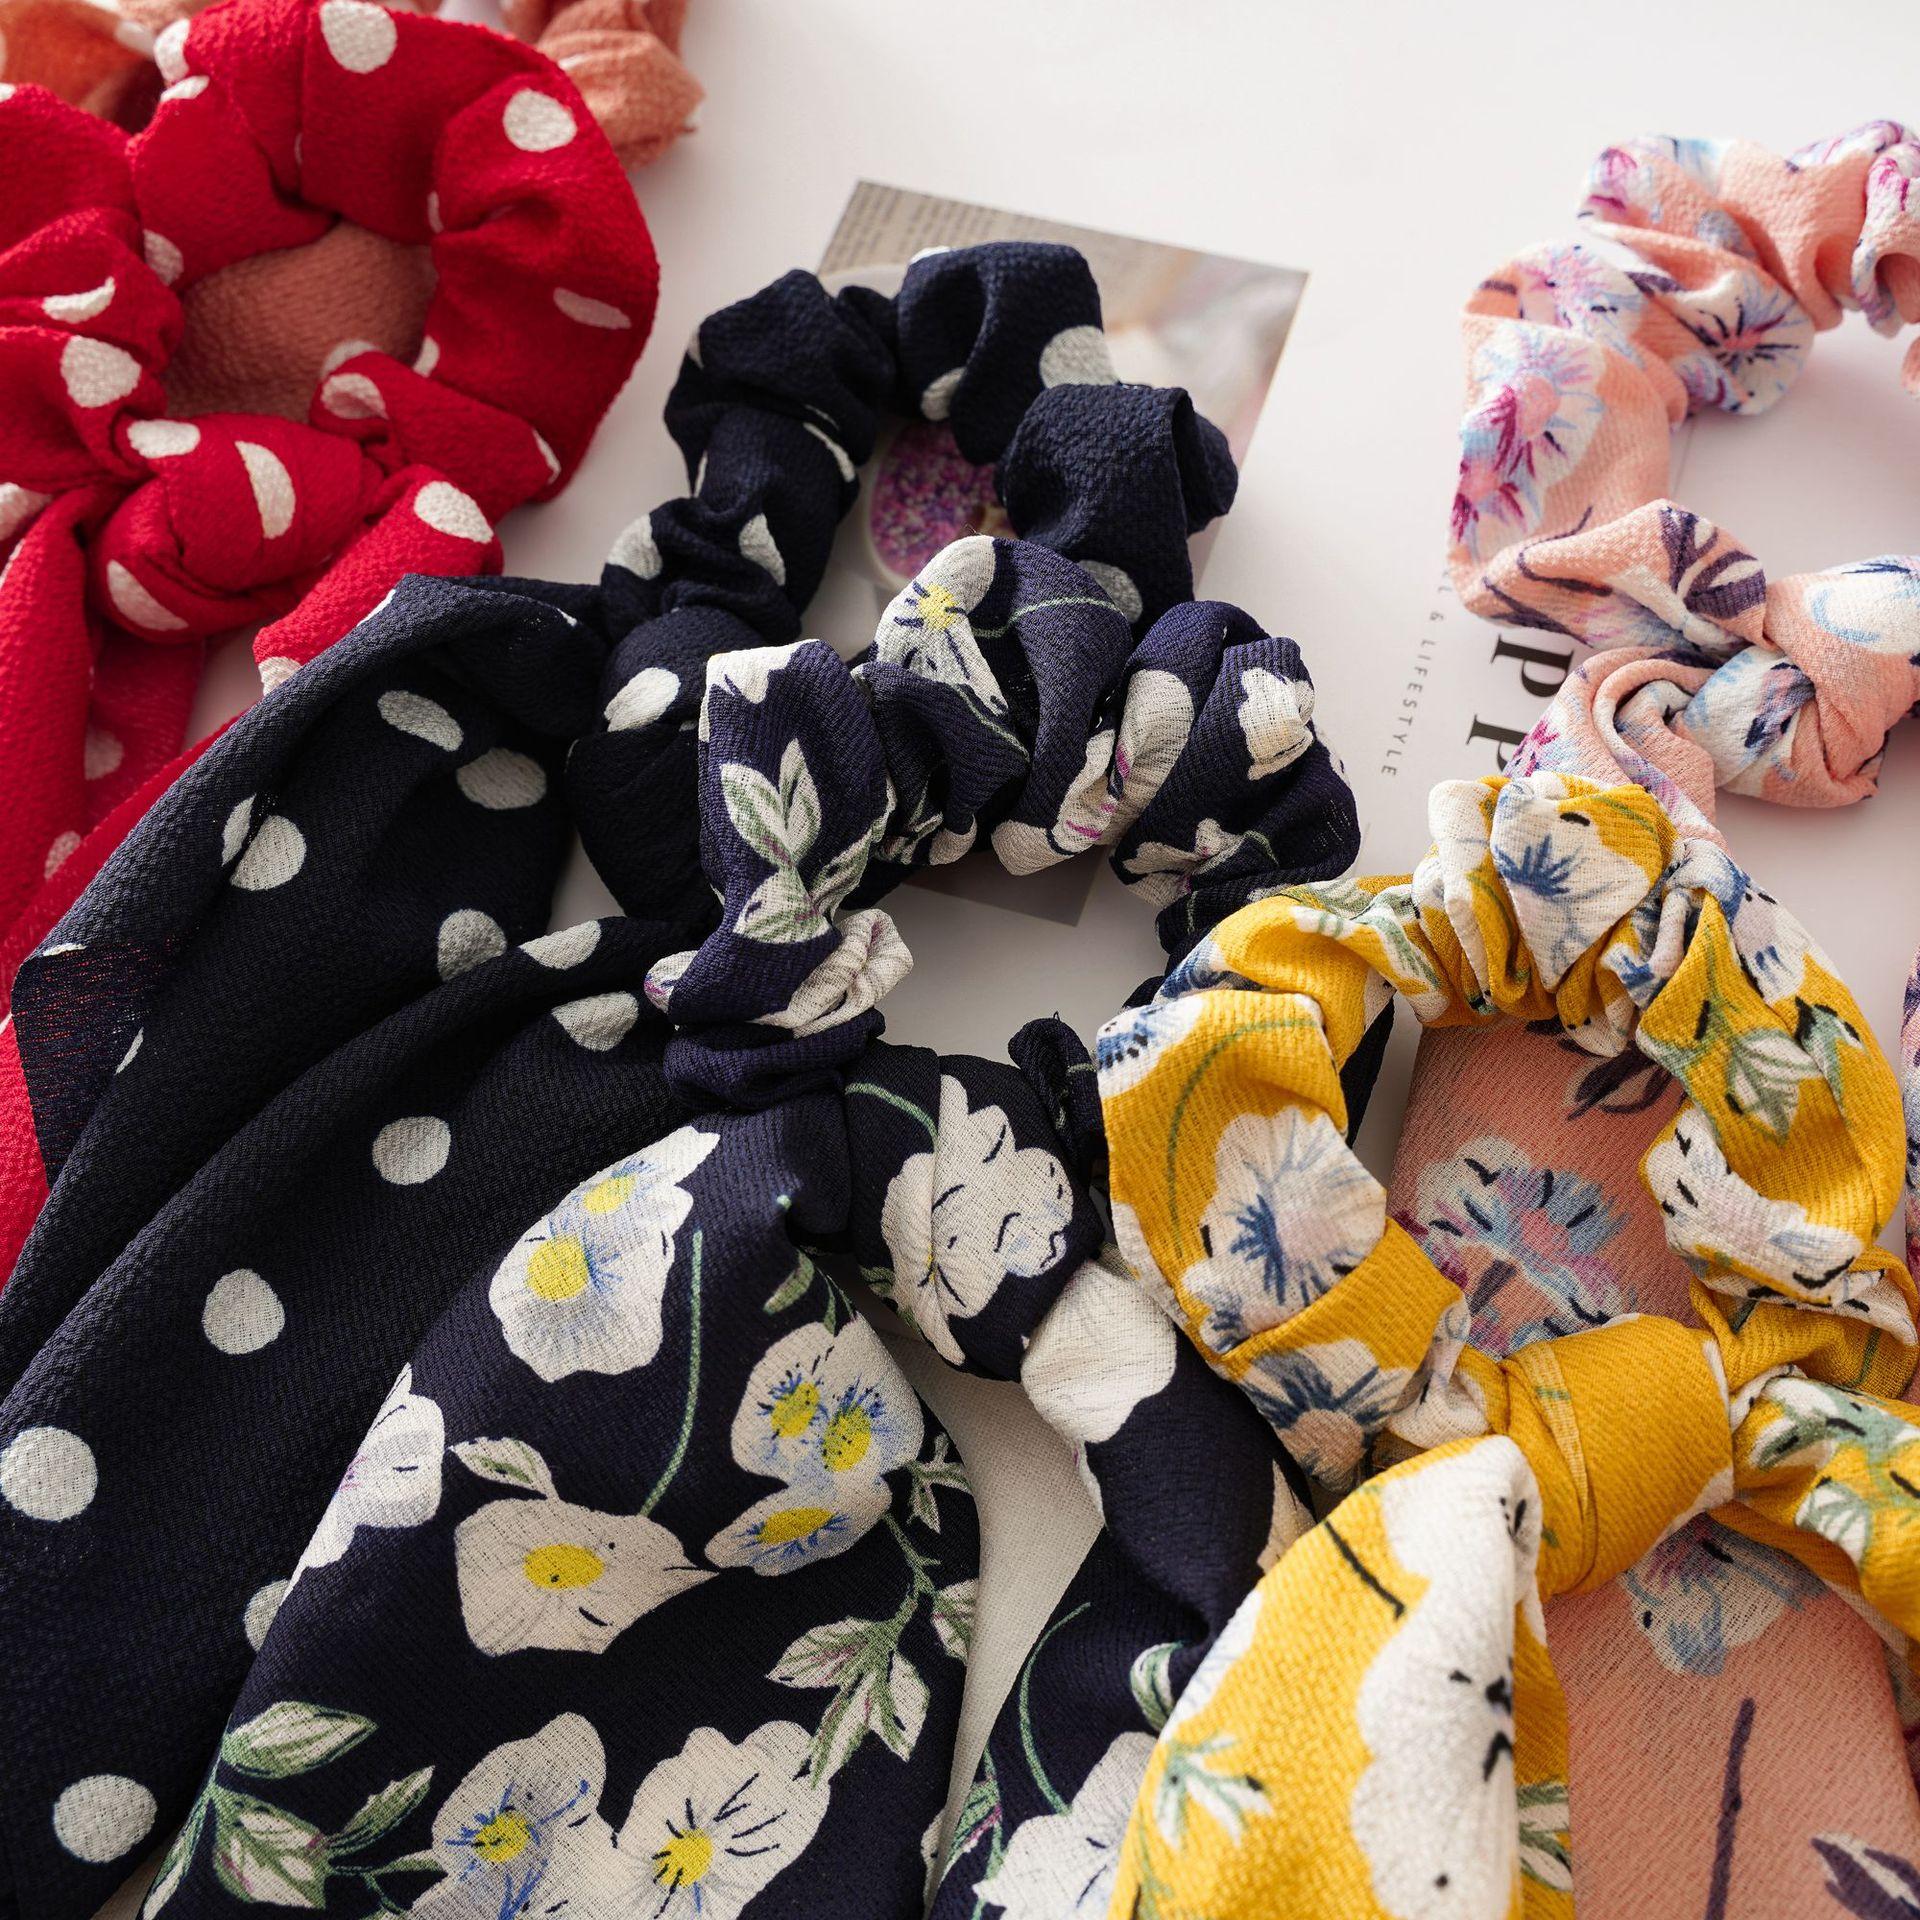 Цукерковий жіночий скраб для волосся, - Аксесуари для одягу - фото 4